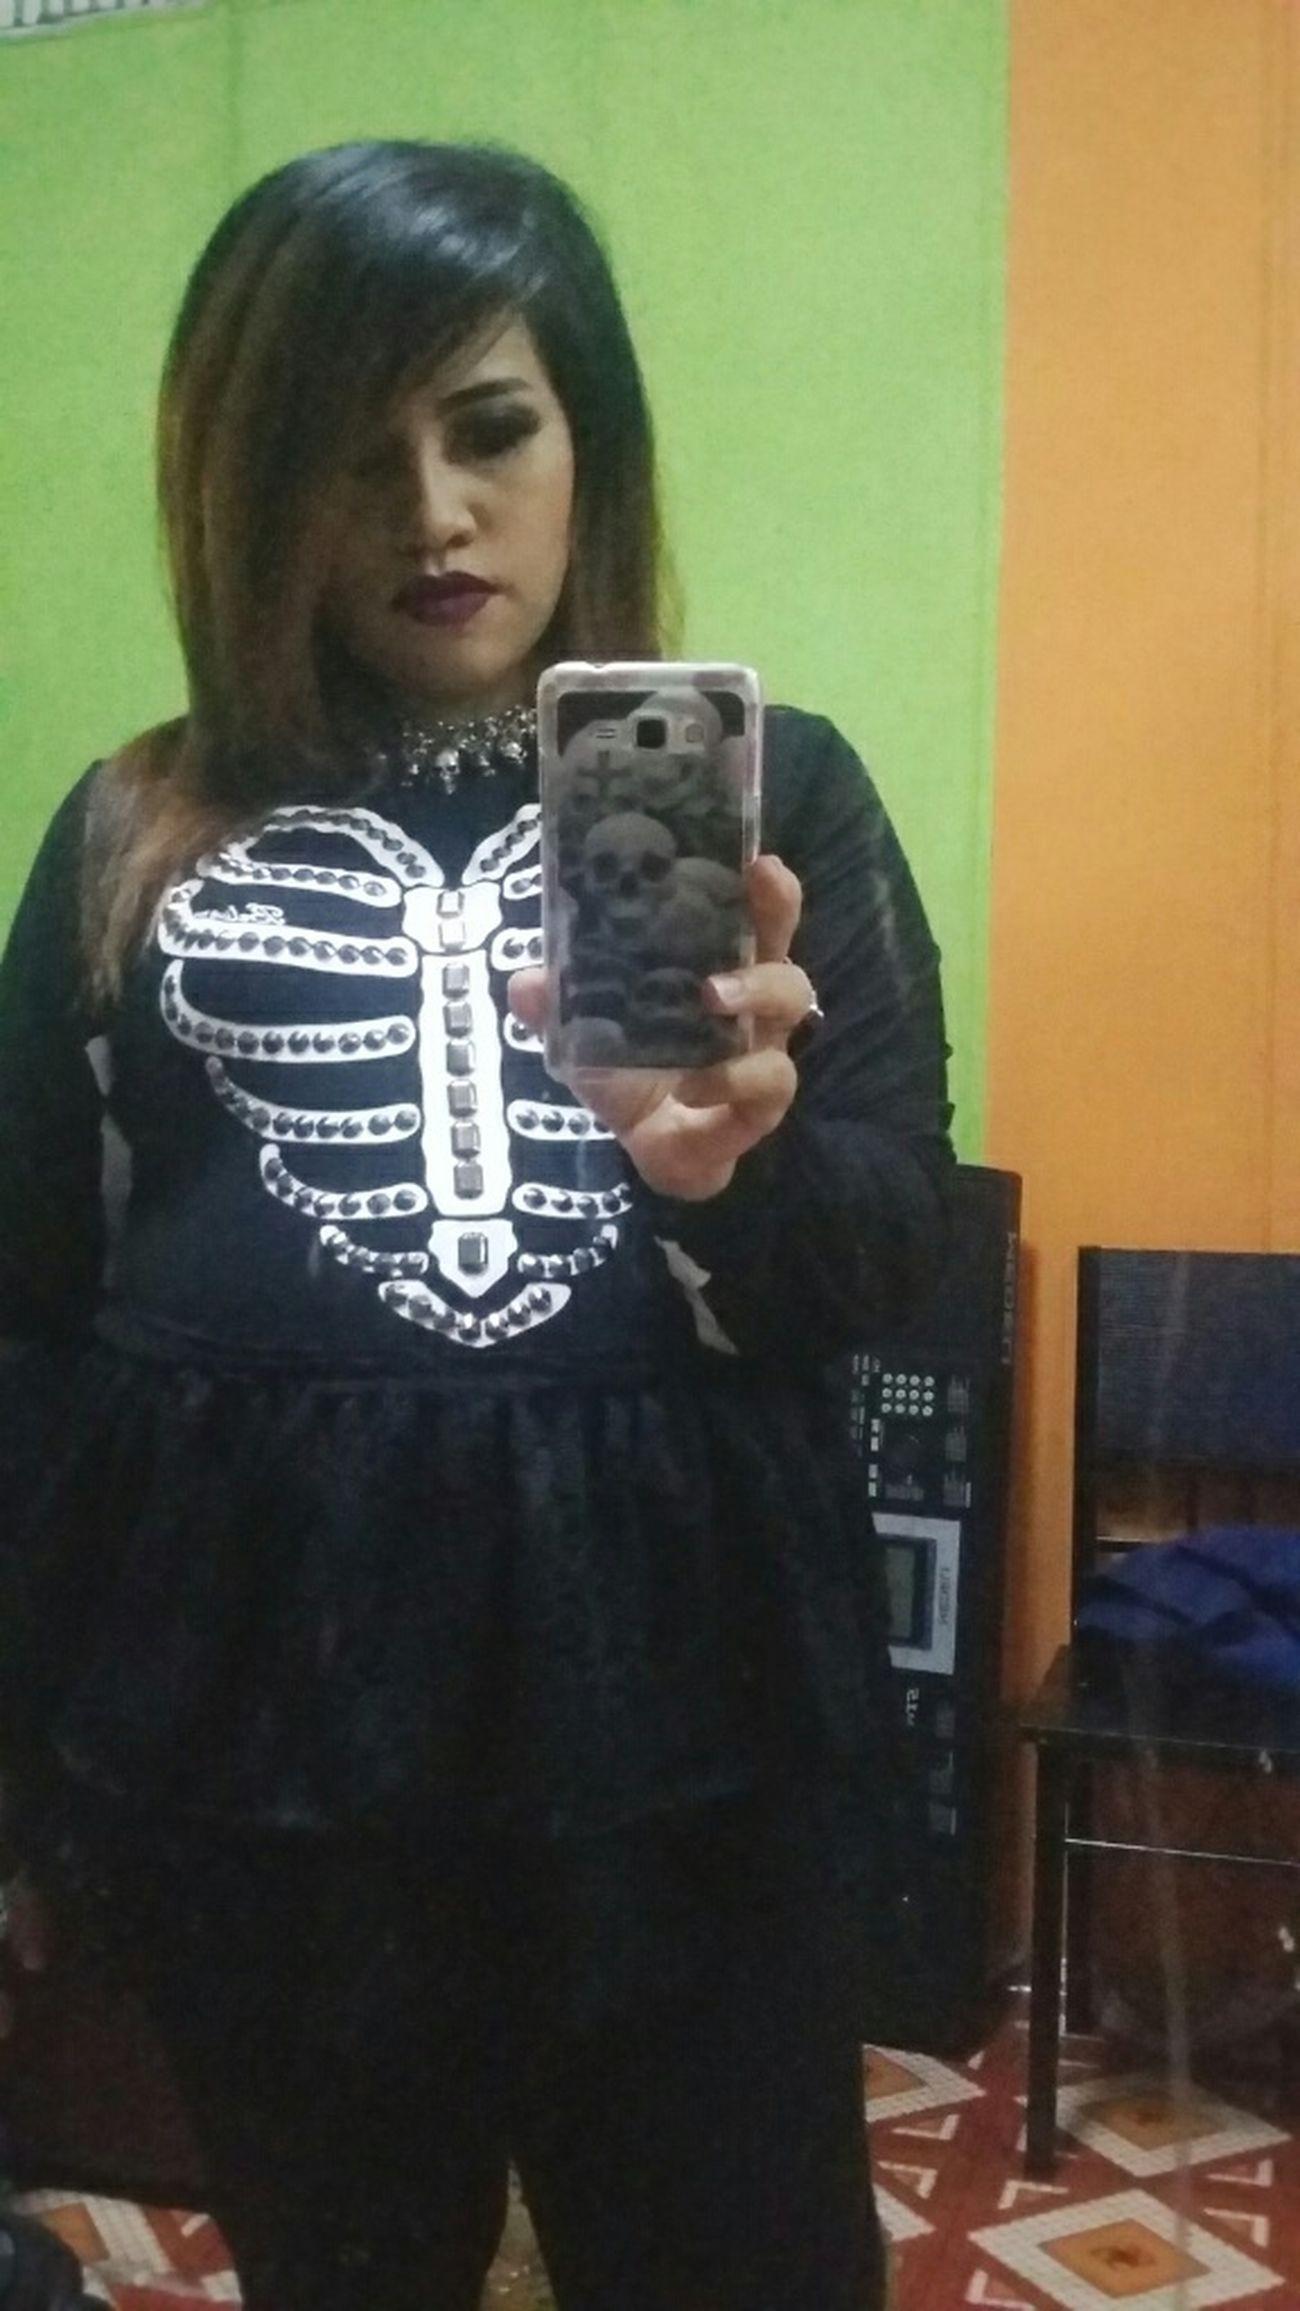 Skull Taking Photos That's Me Selfie Self Portrait Sue_nandar_htet Diva_sndh